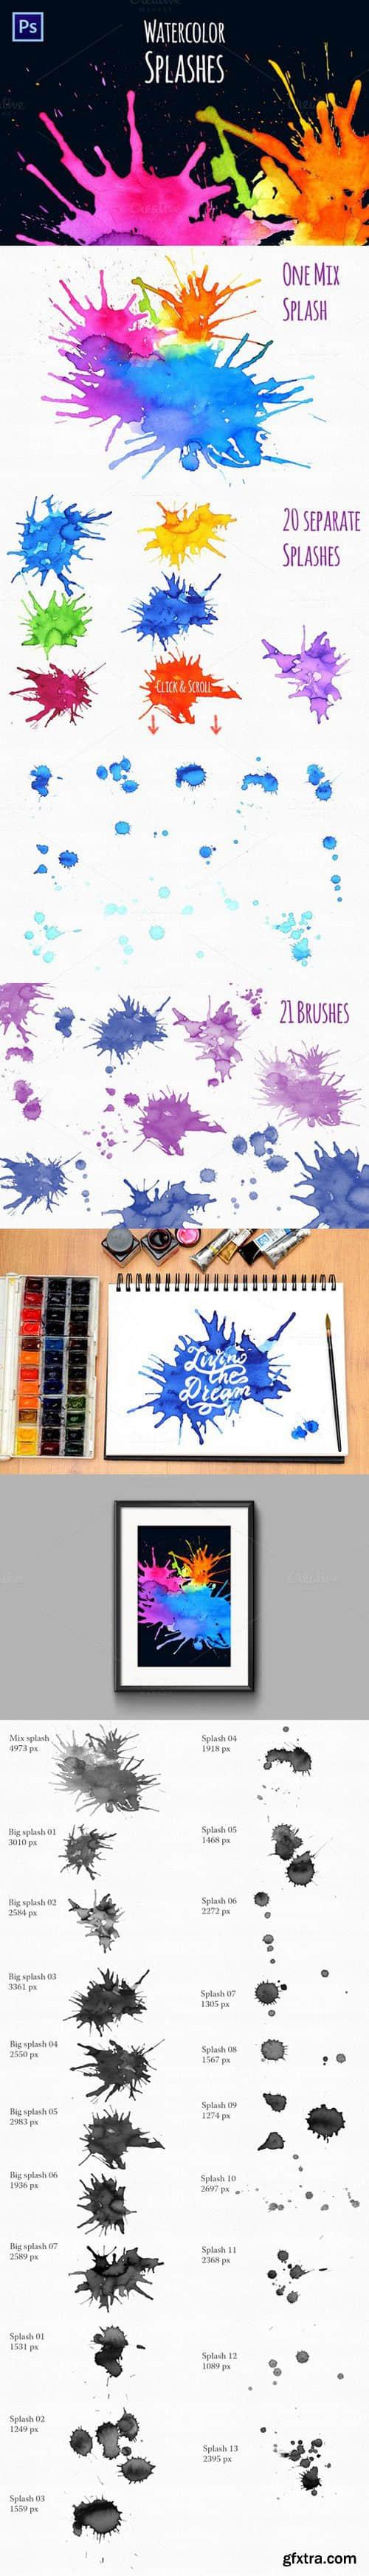 超高清水彩喷溅效果、油漆水墨滴溅Photoshop笔刷免费下载 滴溅笔刷 水彩笔刷 水墨笔刷 喷溅笔刷  %e6%b2%b9%e6%bc%86%e7%ac%94%e5%88%b7